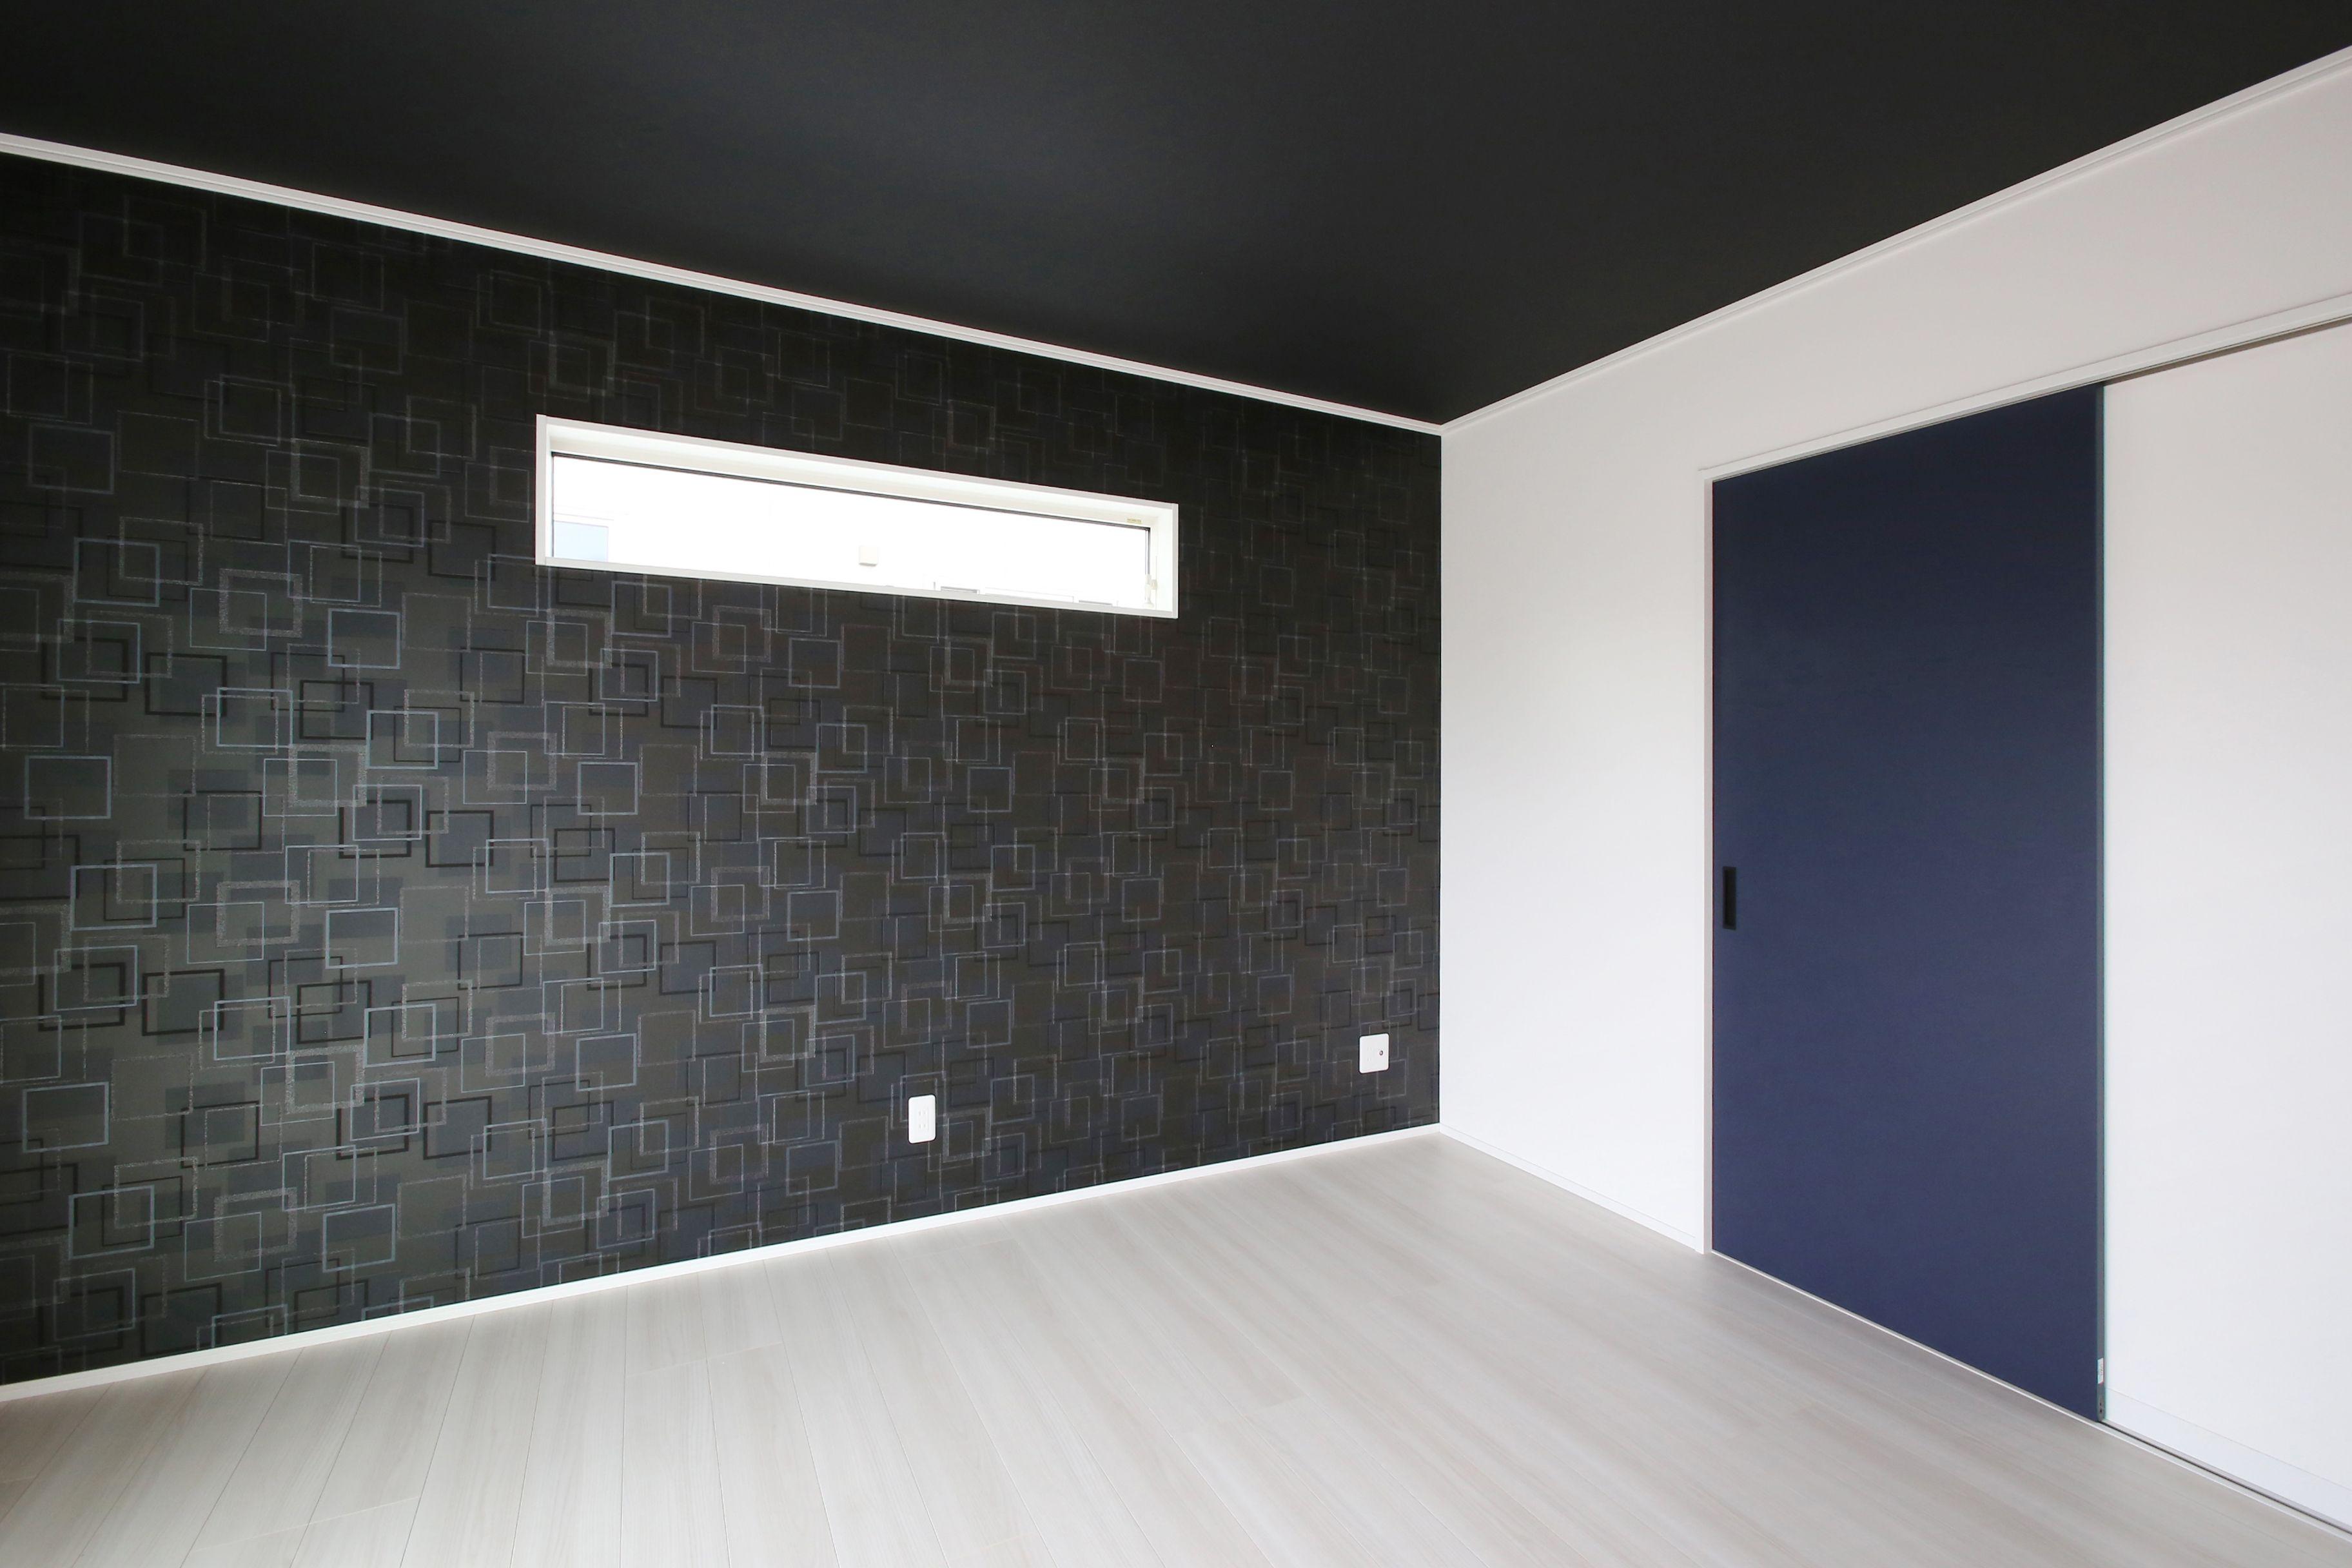 白い床に黒のアクセントクロス 天井クロスのコントラストがおしゃれな